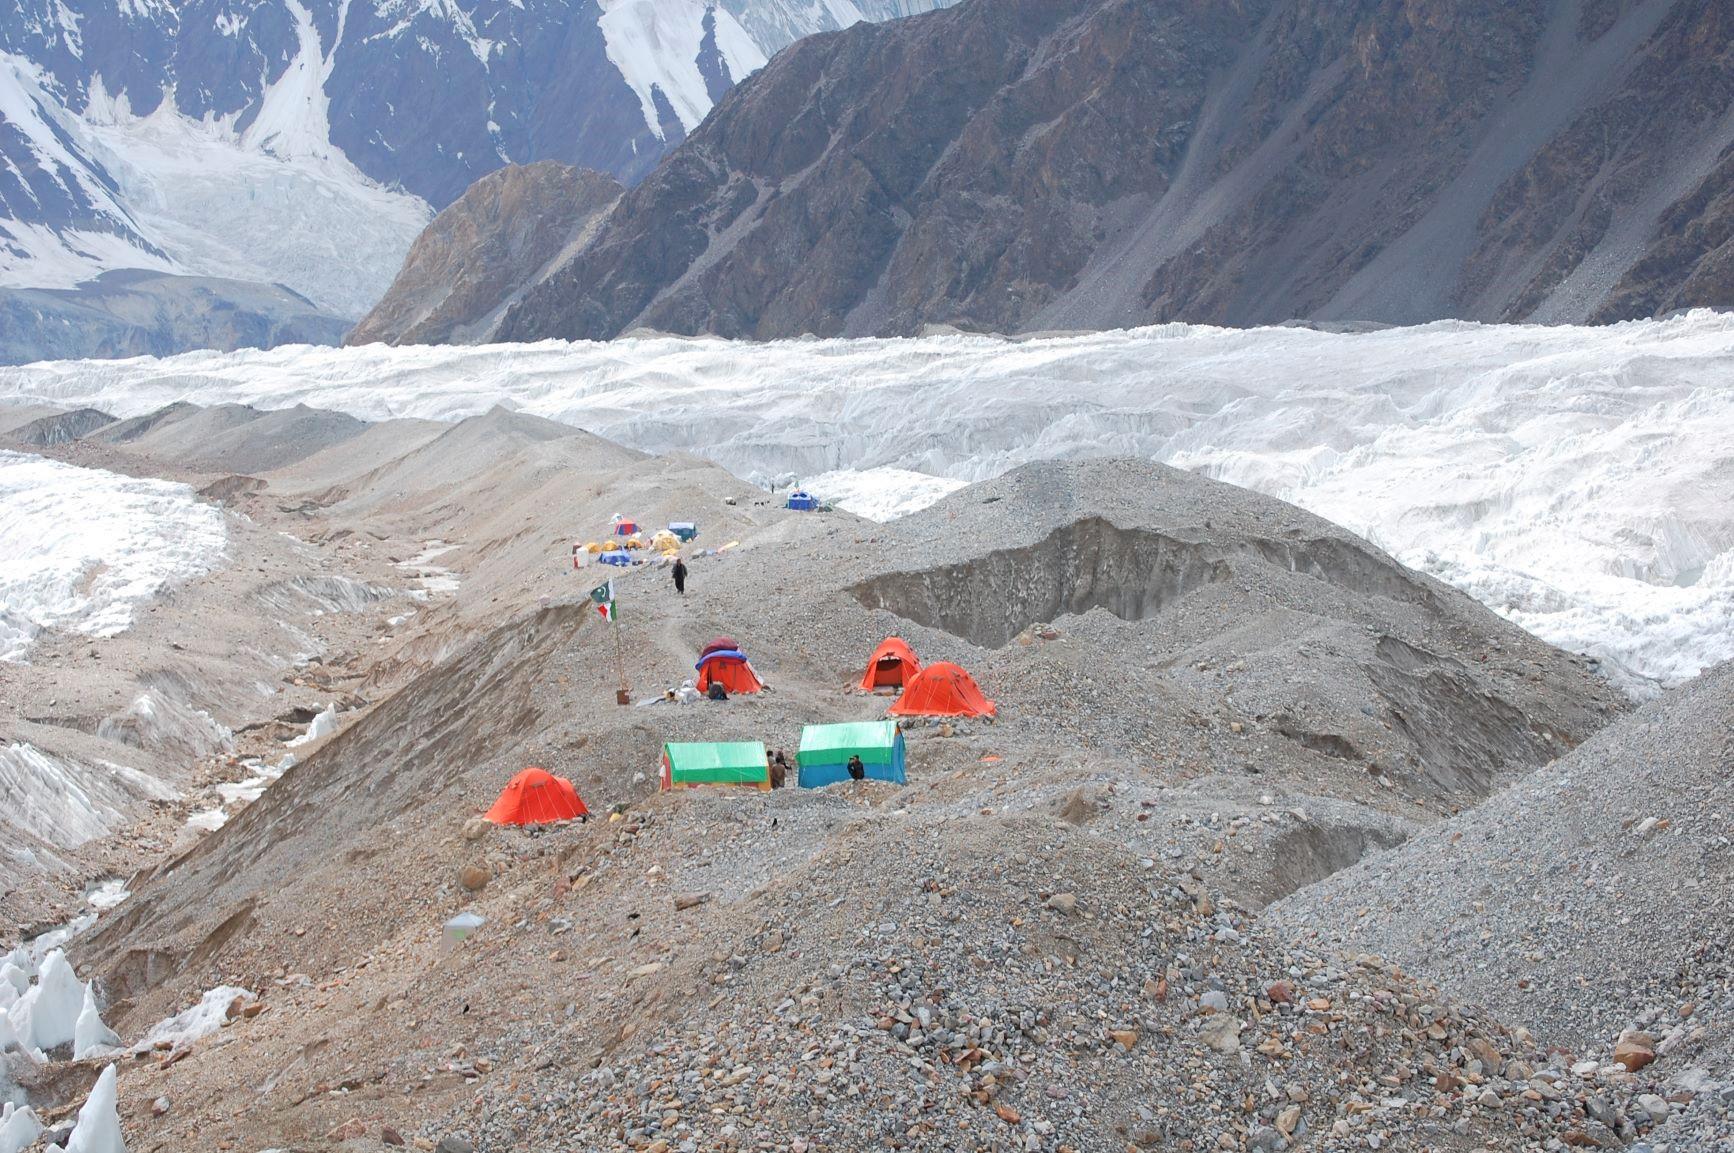 アブルッツィ氷河上にあるガッシャーブルムベースキャンプ